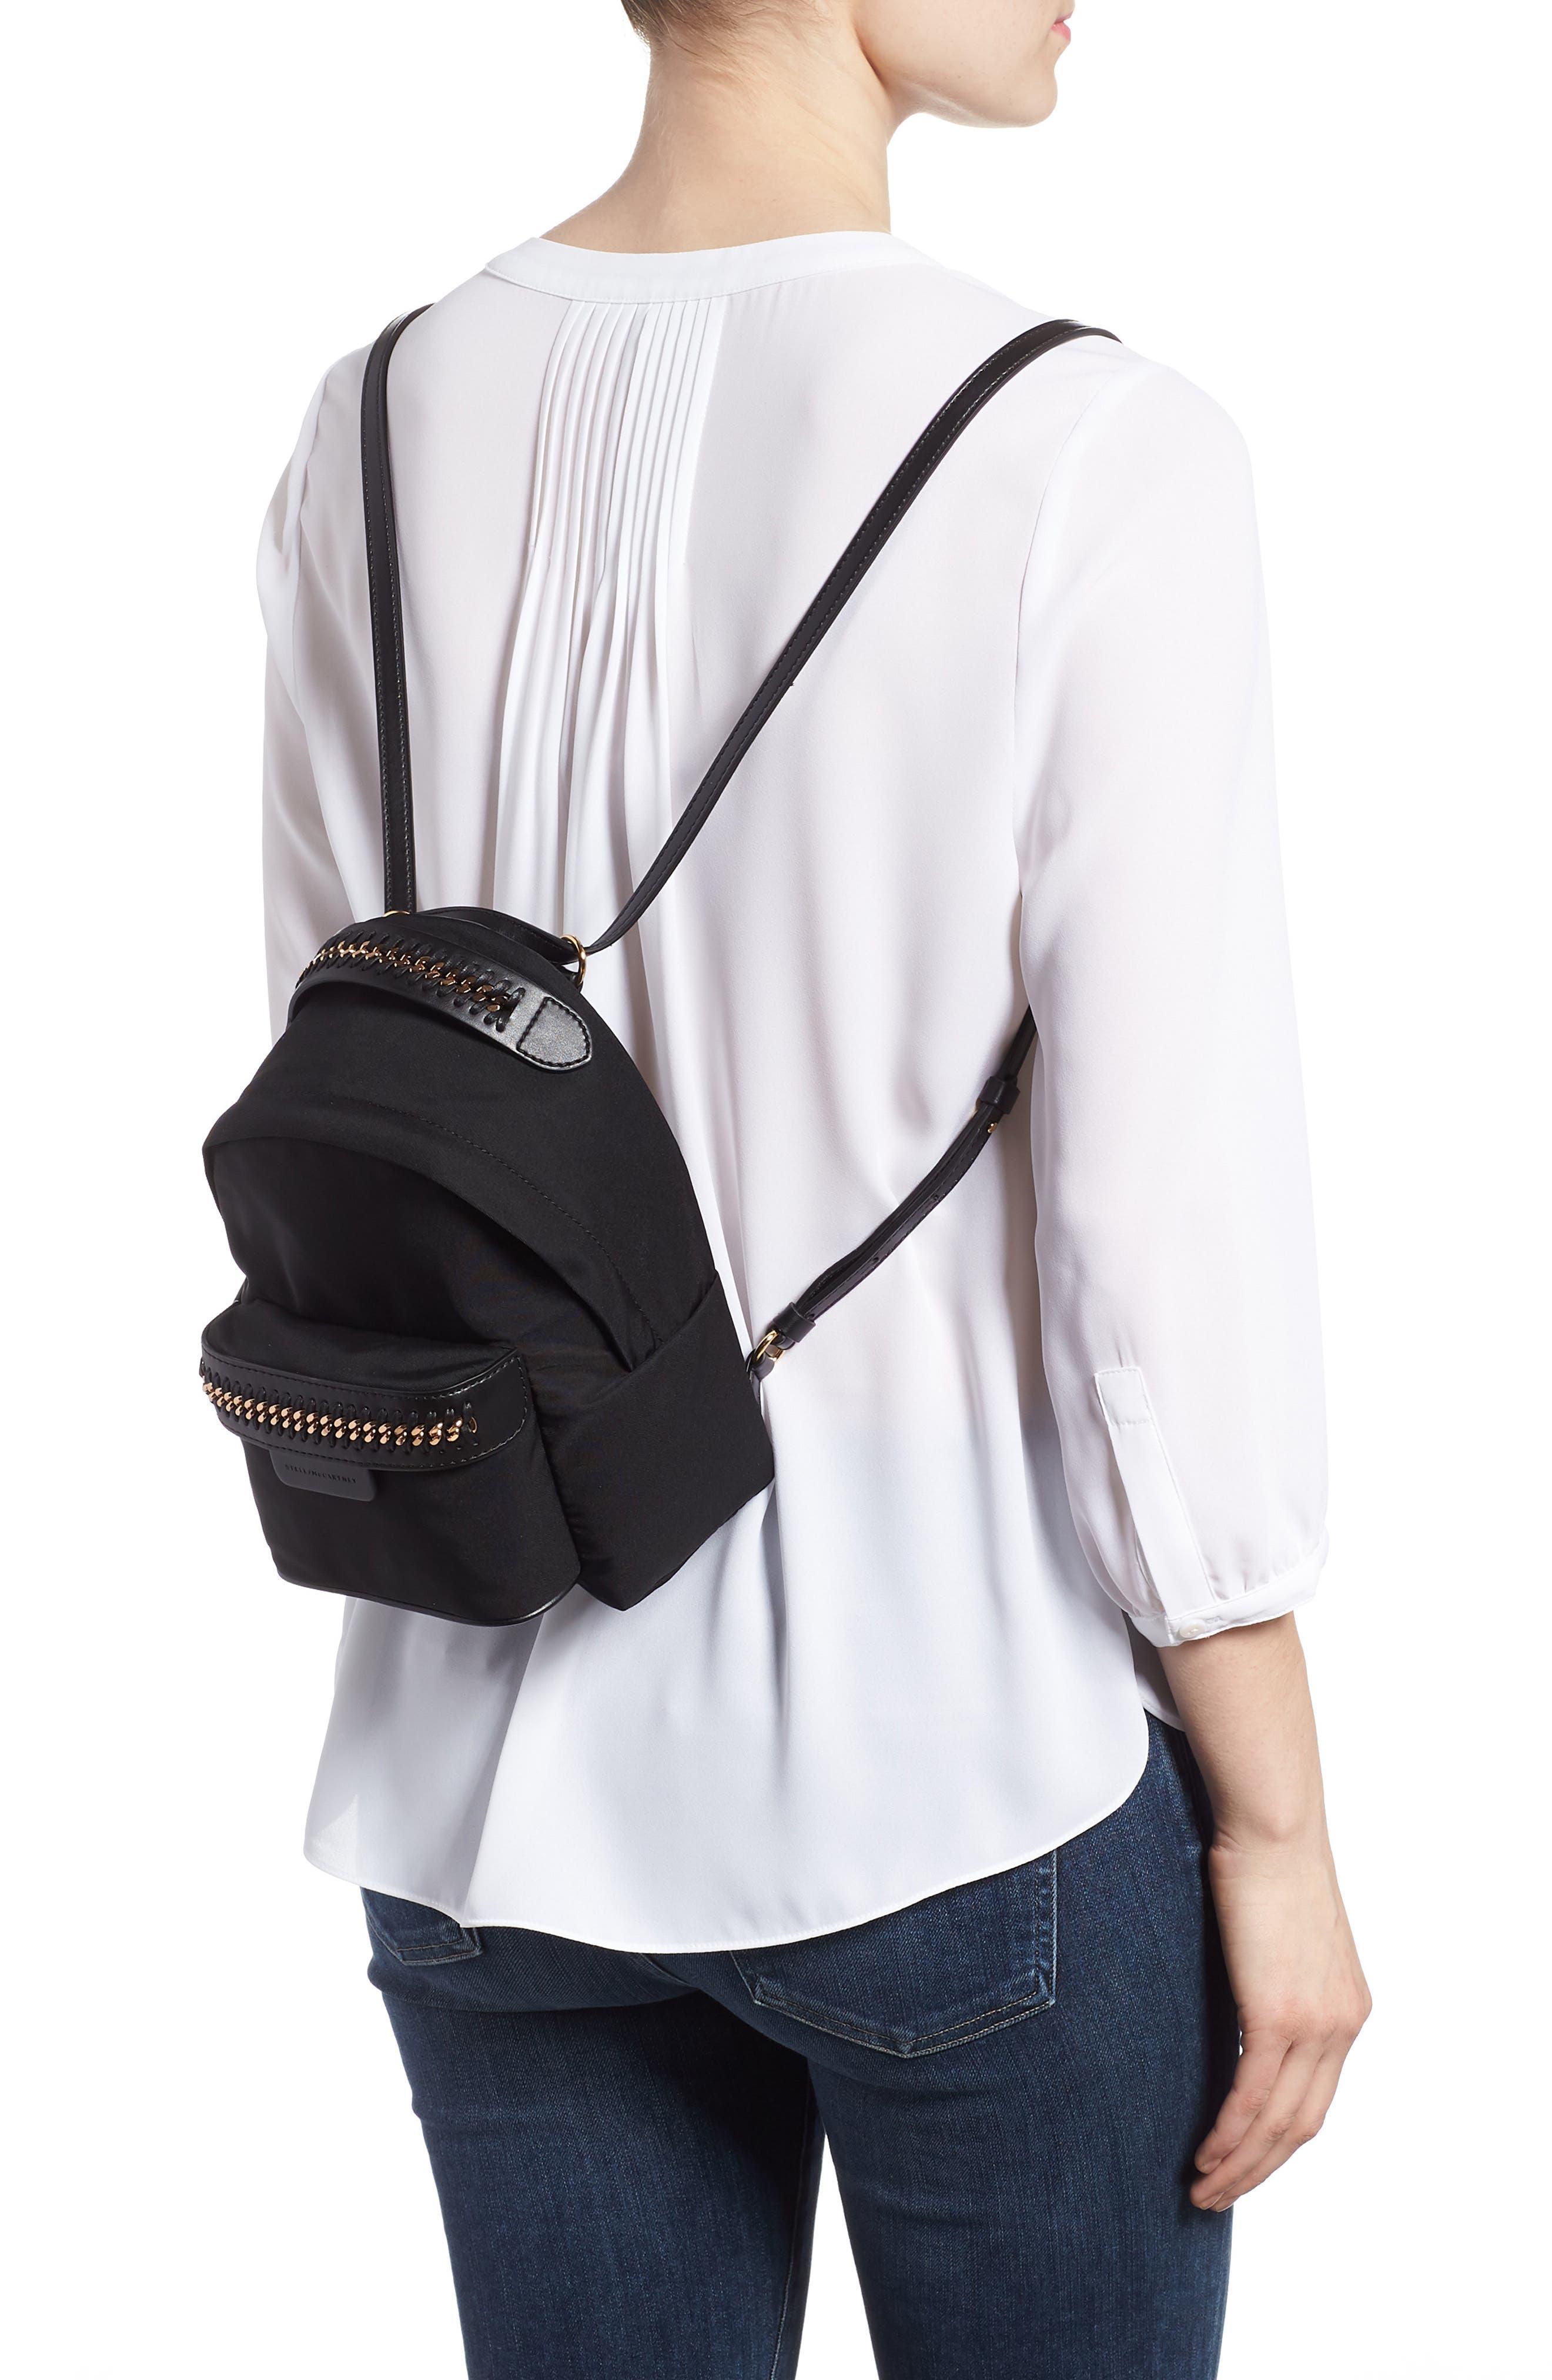 Mini Falabella Nylon Backpack,                             Alternate thumbnail 2, color,                             001